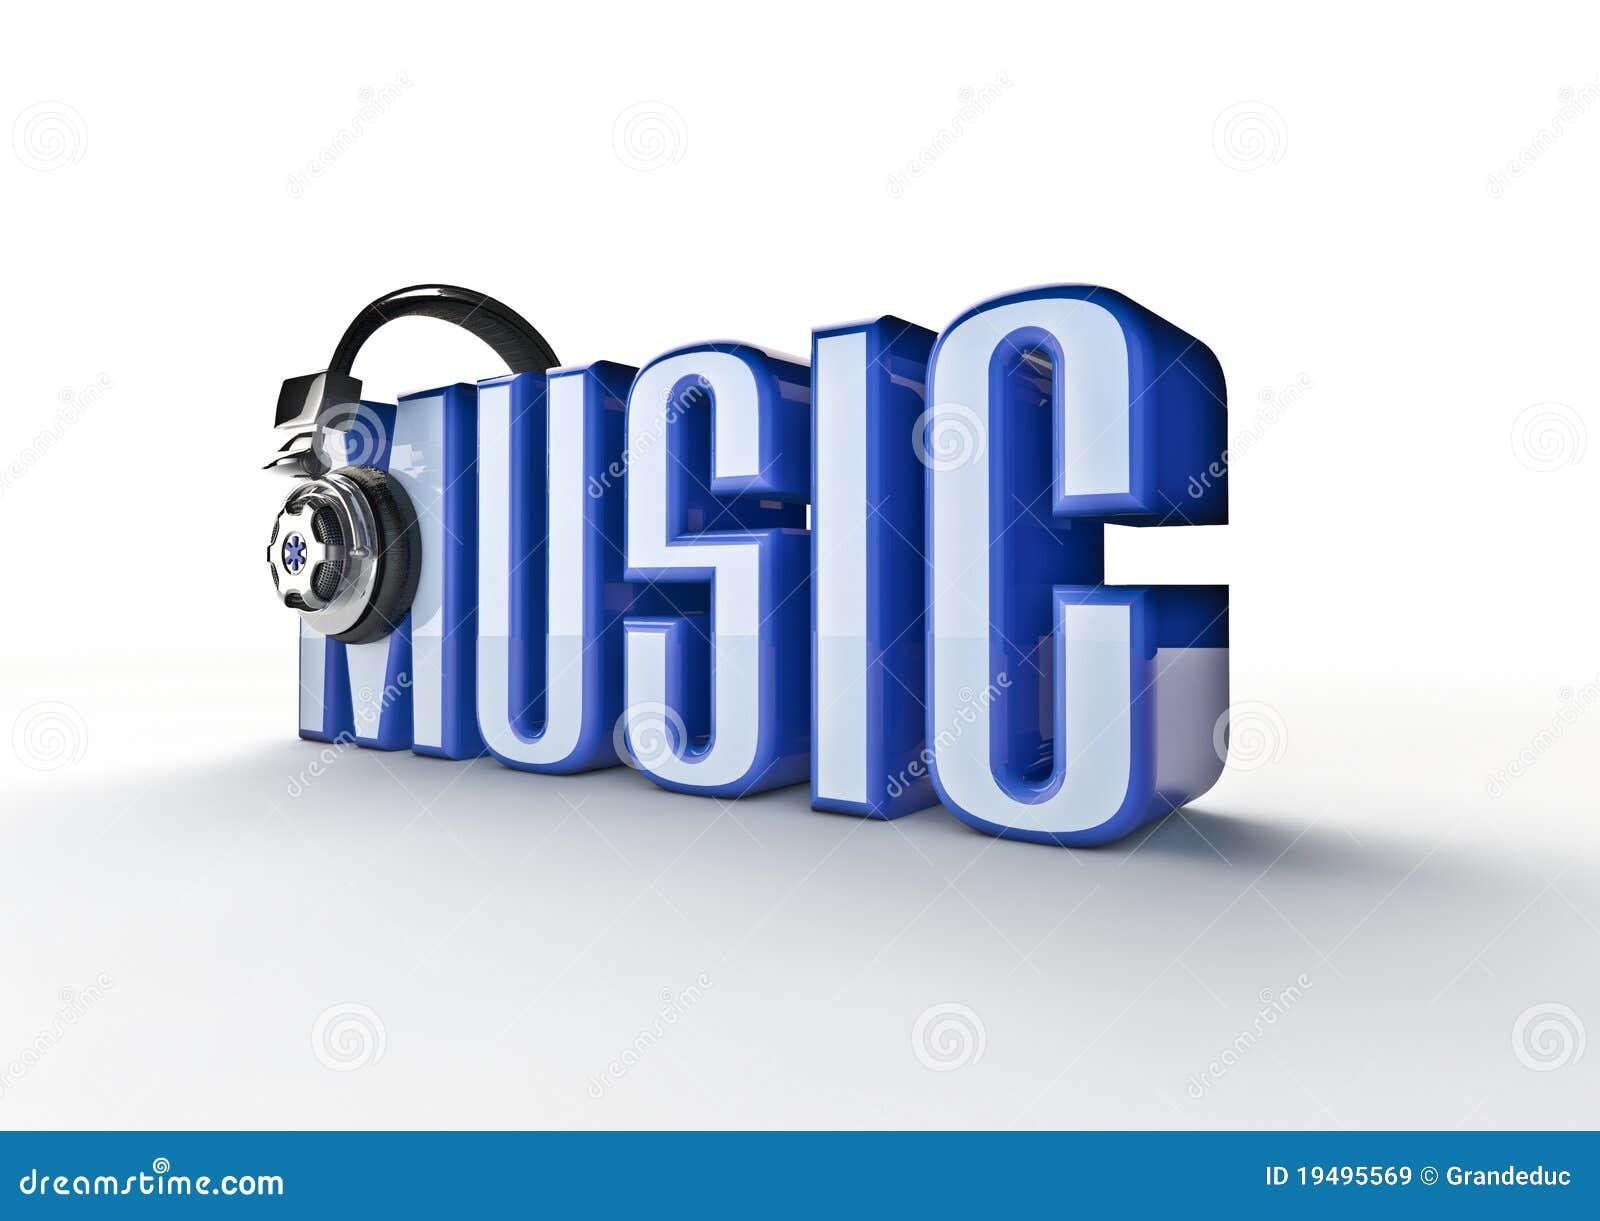 Muzyka tytuł